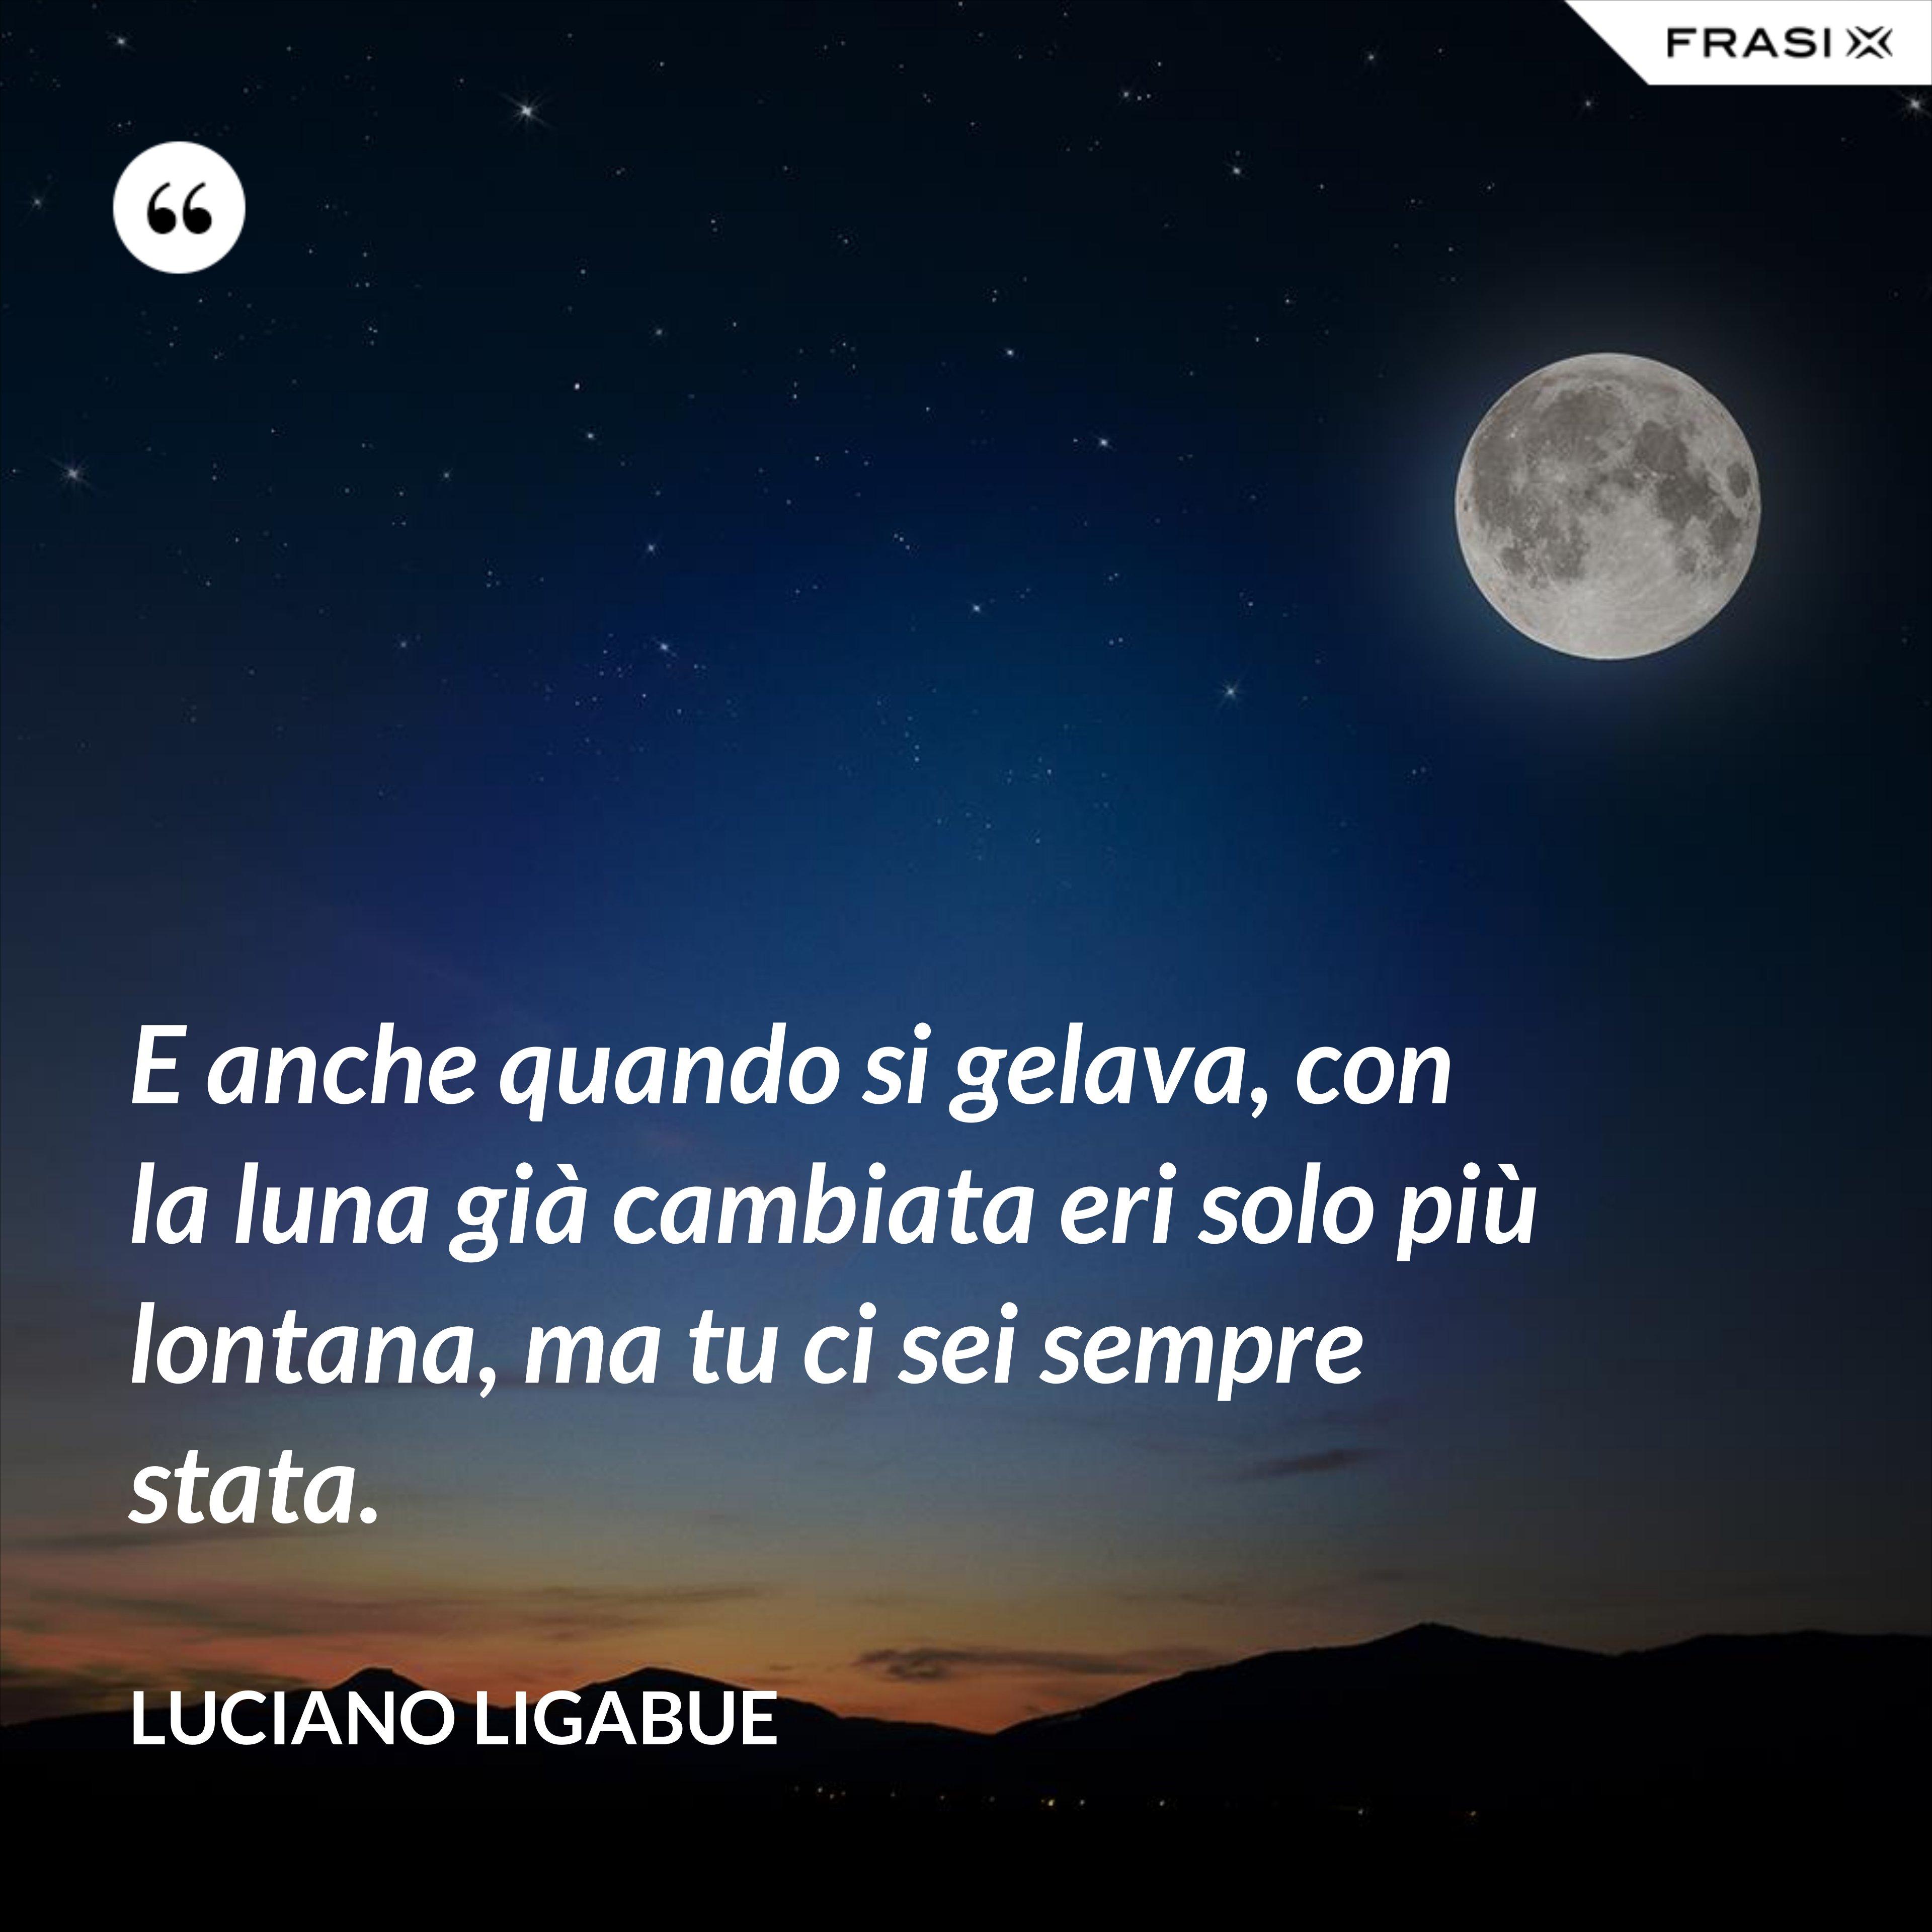 E anche quando si gelava, con la luna già cambiata eri solo più lontana, ma tu ci sei sempre stata. - Luciano Ligabue